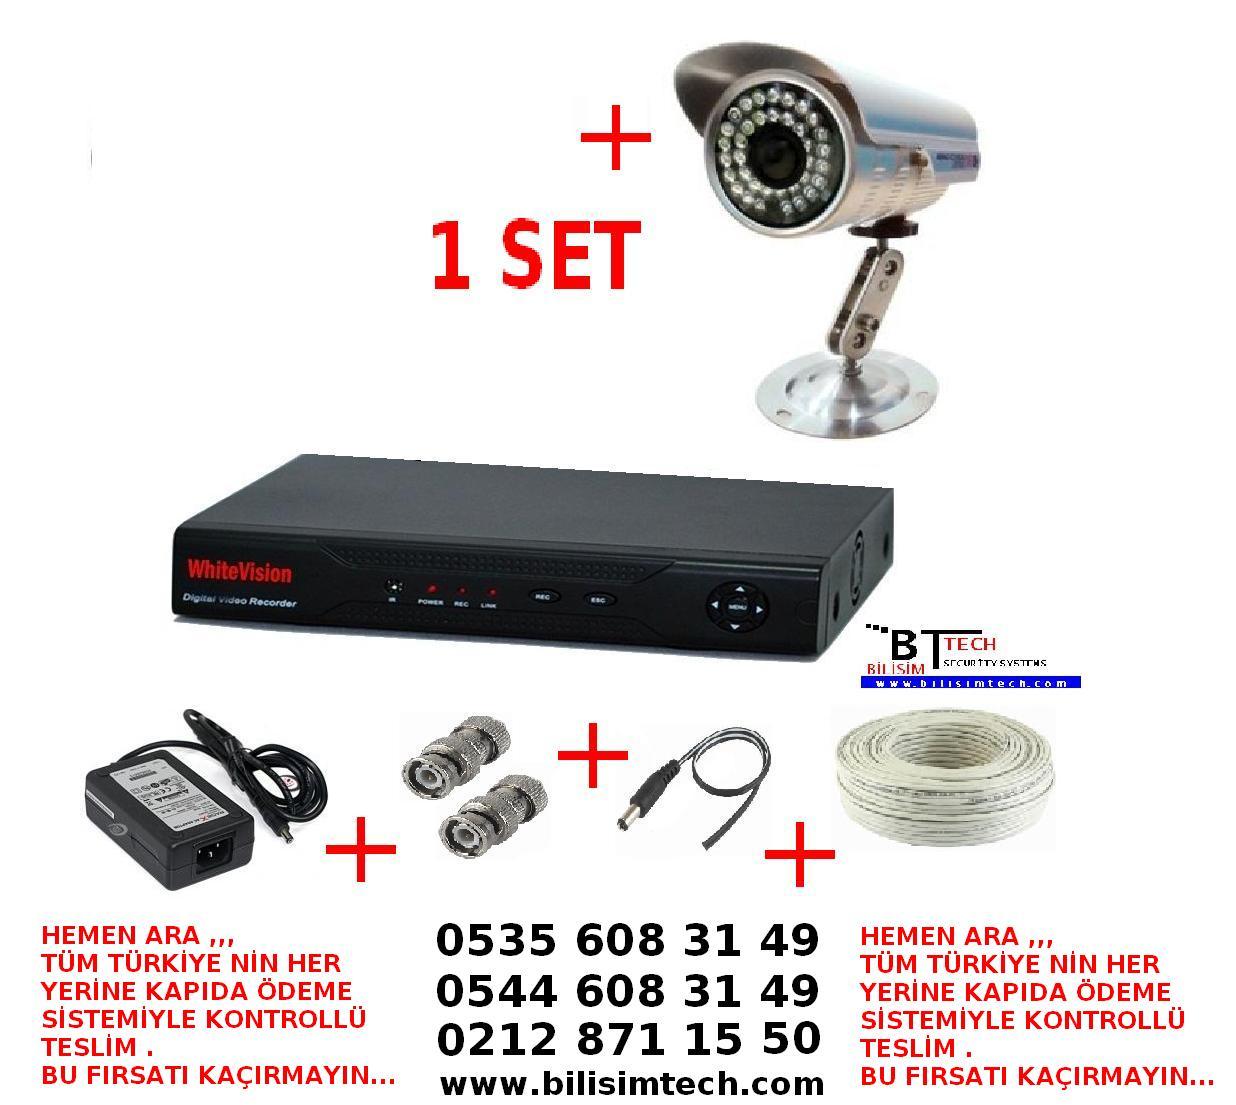 CCTV kameraların cihazları ve çeşitleri